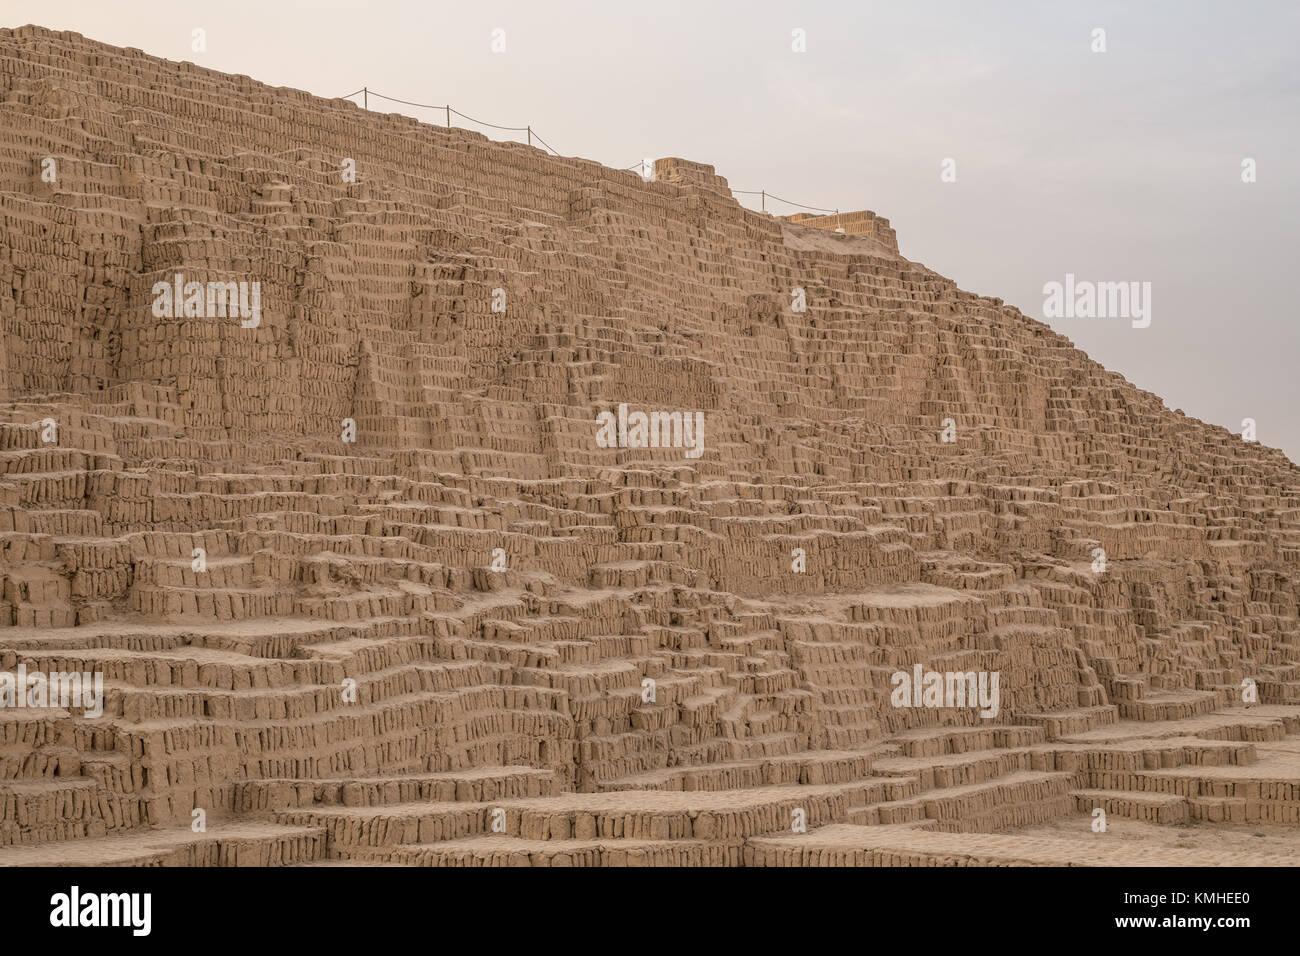 Huaca Pucllana o Juliana, huaca de una enorme pirámide de adobe y arcilla en el distrito céntrico de Miraflores Foto de stock